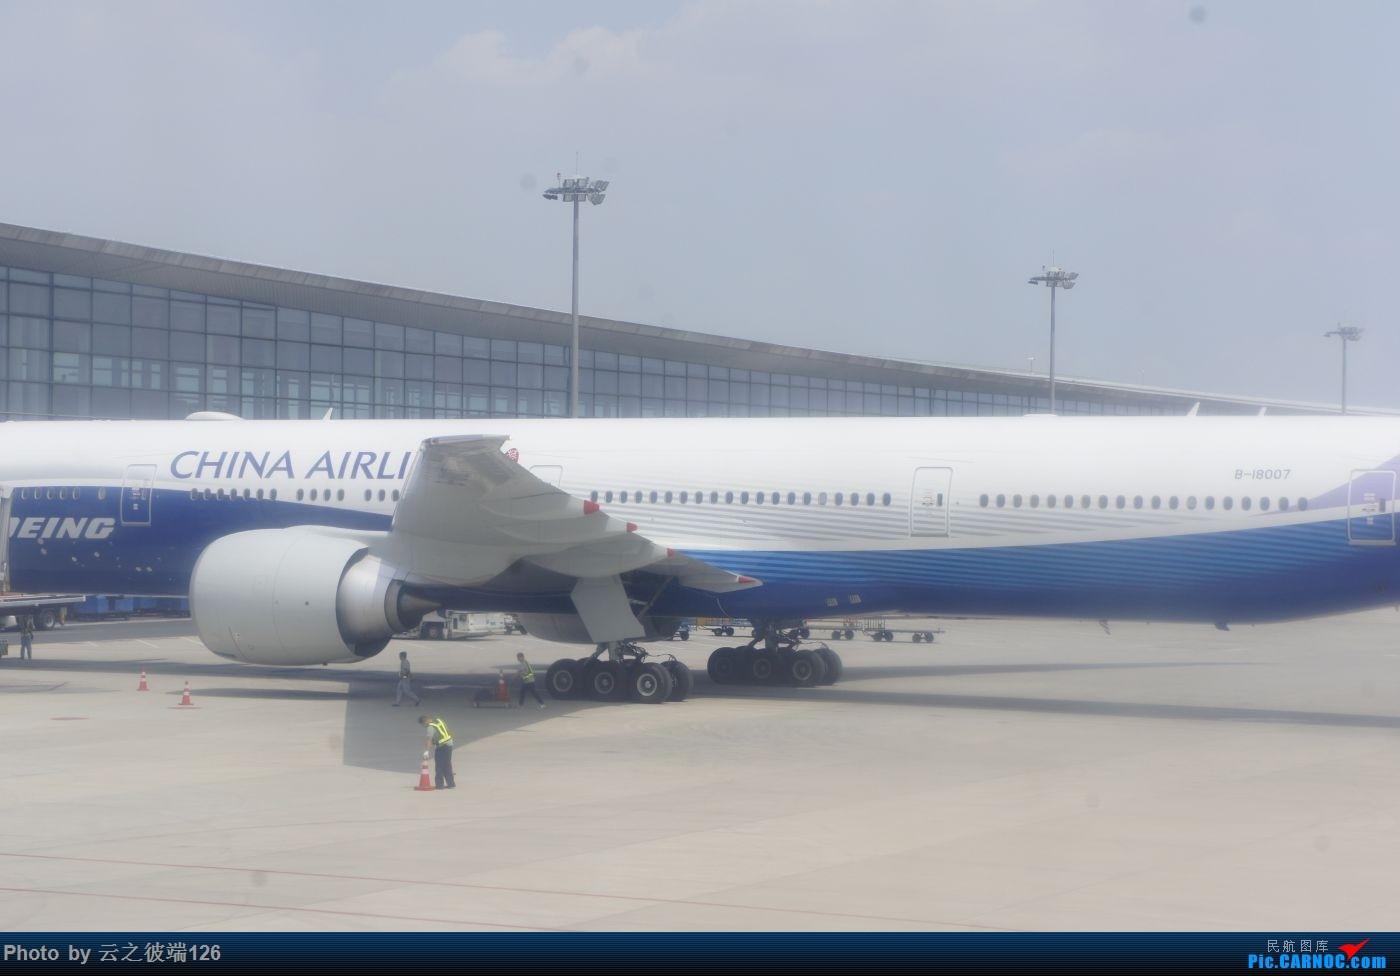 Re:[原创]KHN-CTU-JZH-CTU-NKG造访蜀地,体验世界里程最贵机票,多图 BOEING 777-300ER B-18007 中国南京禄口国际机场